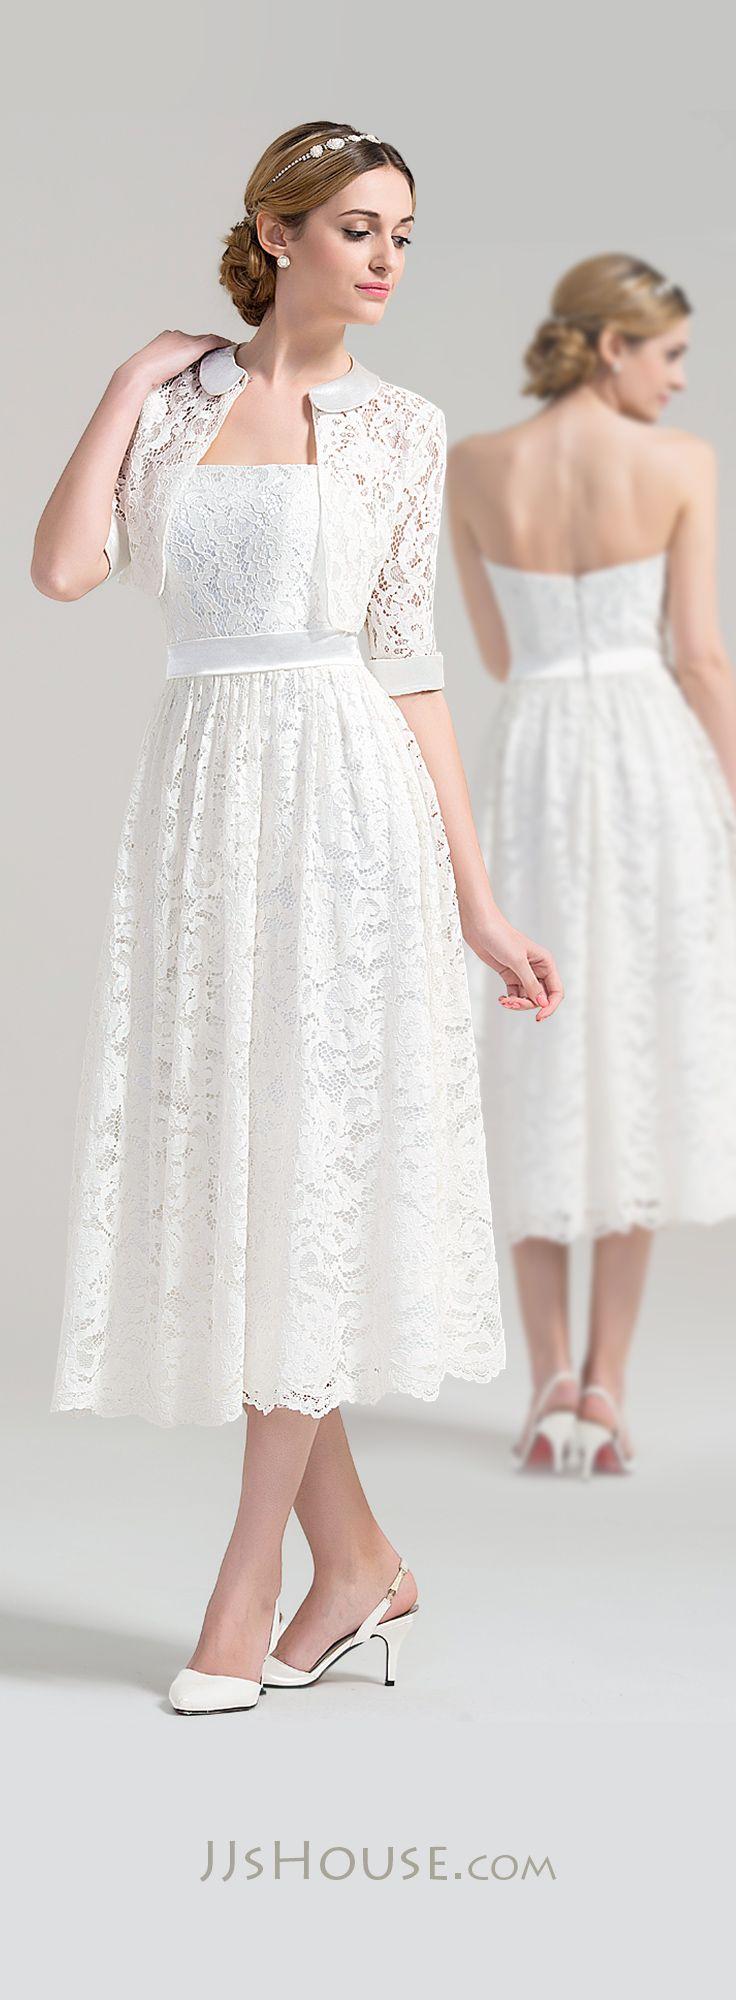 Short wedding dresses a line princess strapless tea for Wedding dresses short length